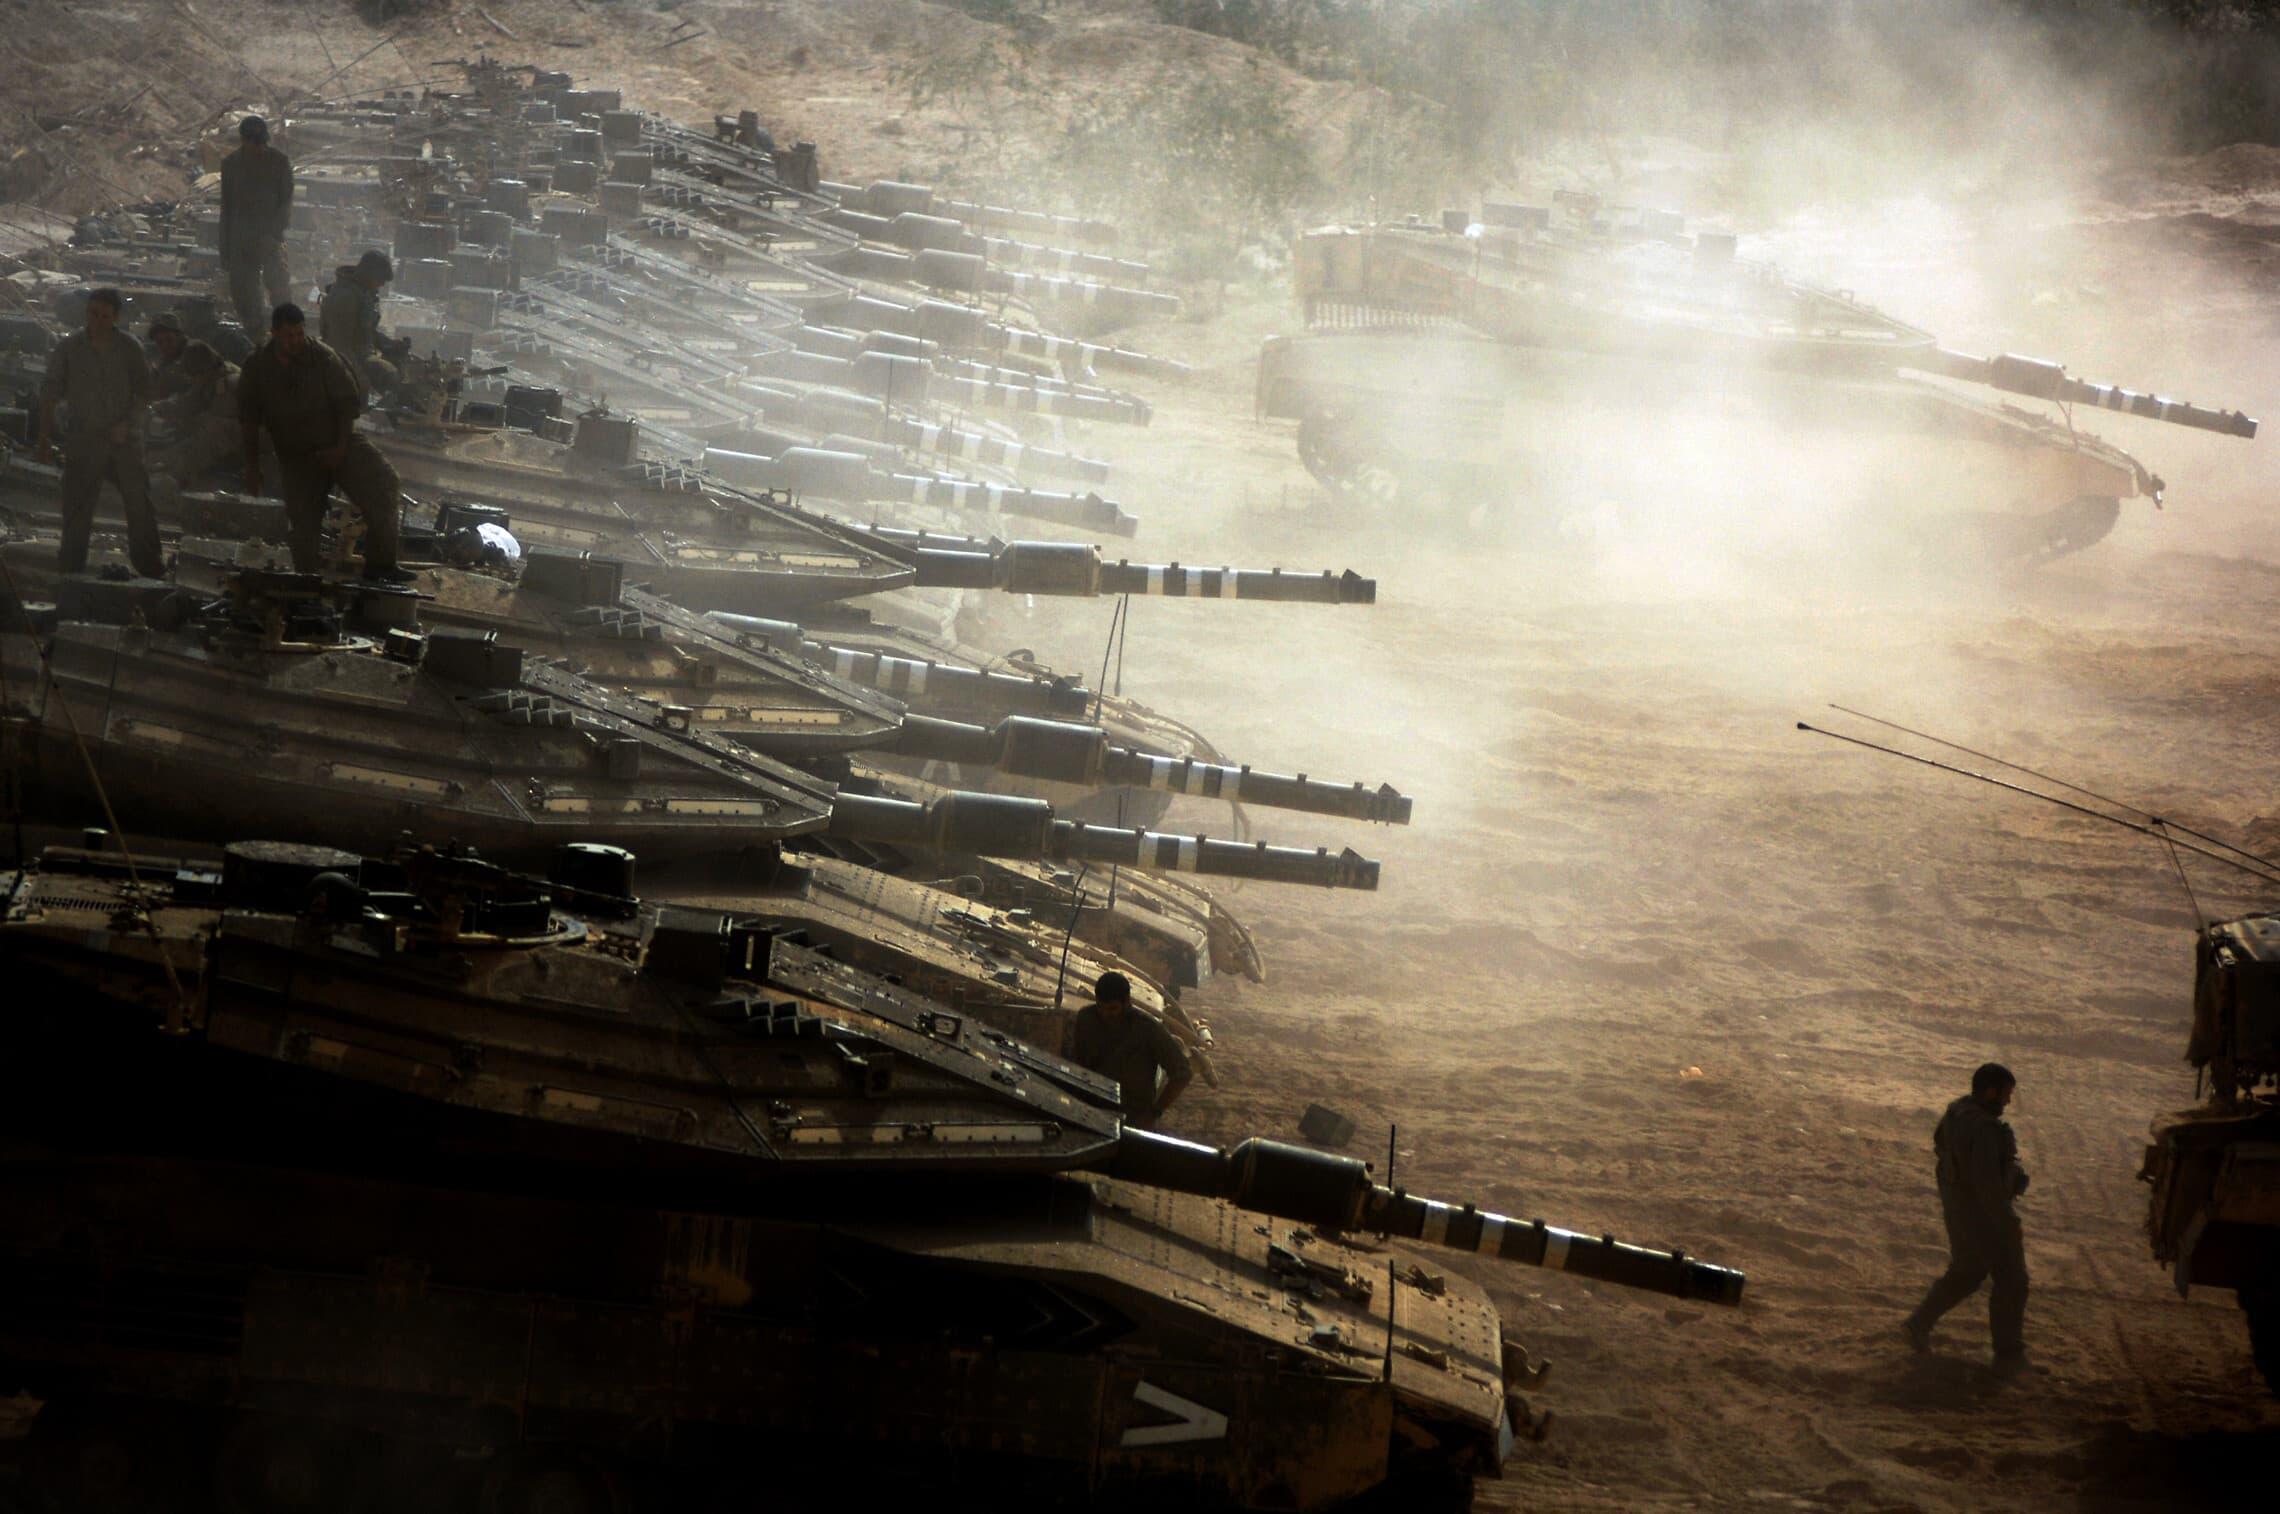 חיל השיריון בתרגיל נרחב באזור נבי מוסא, ב-2007 (צילום: אביר סולטן/פלאש90)